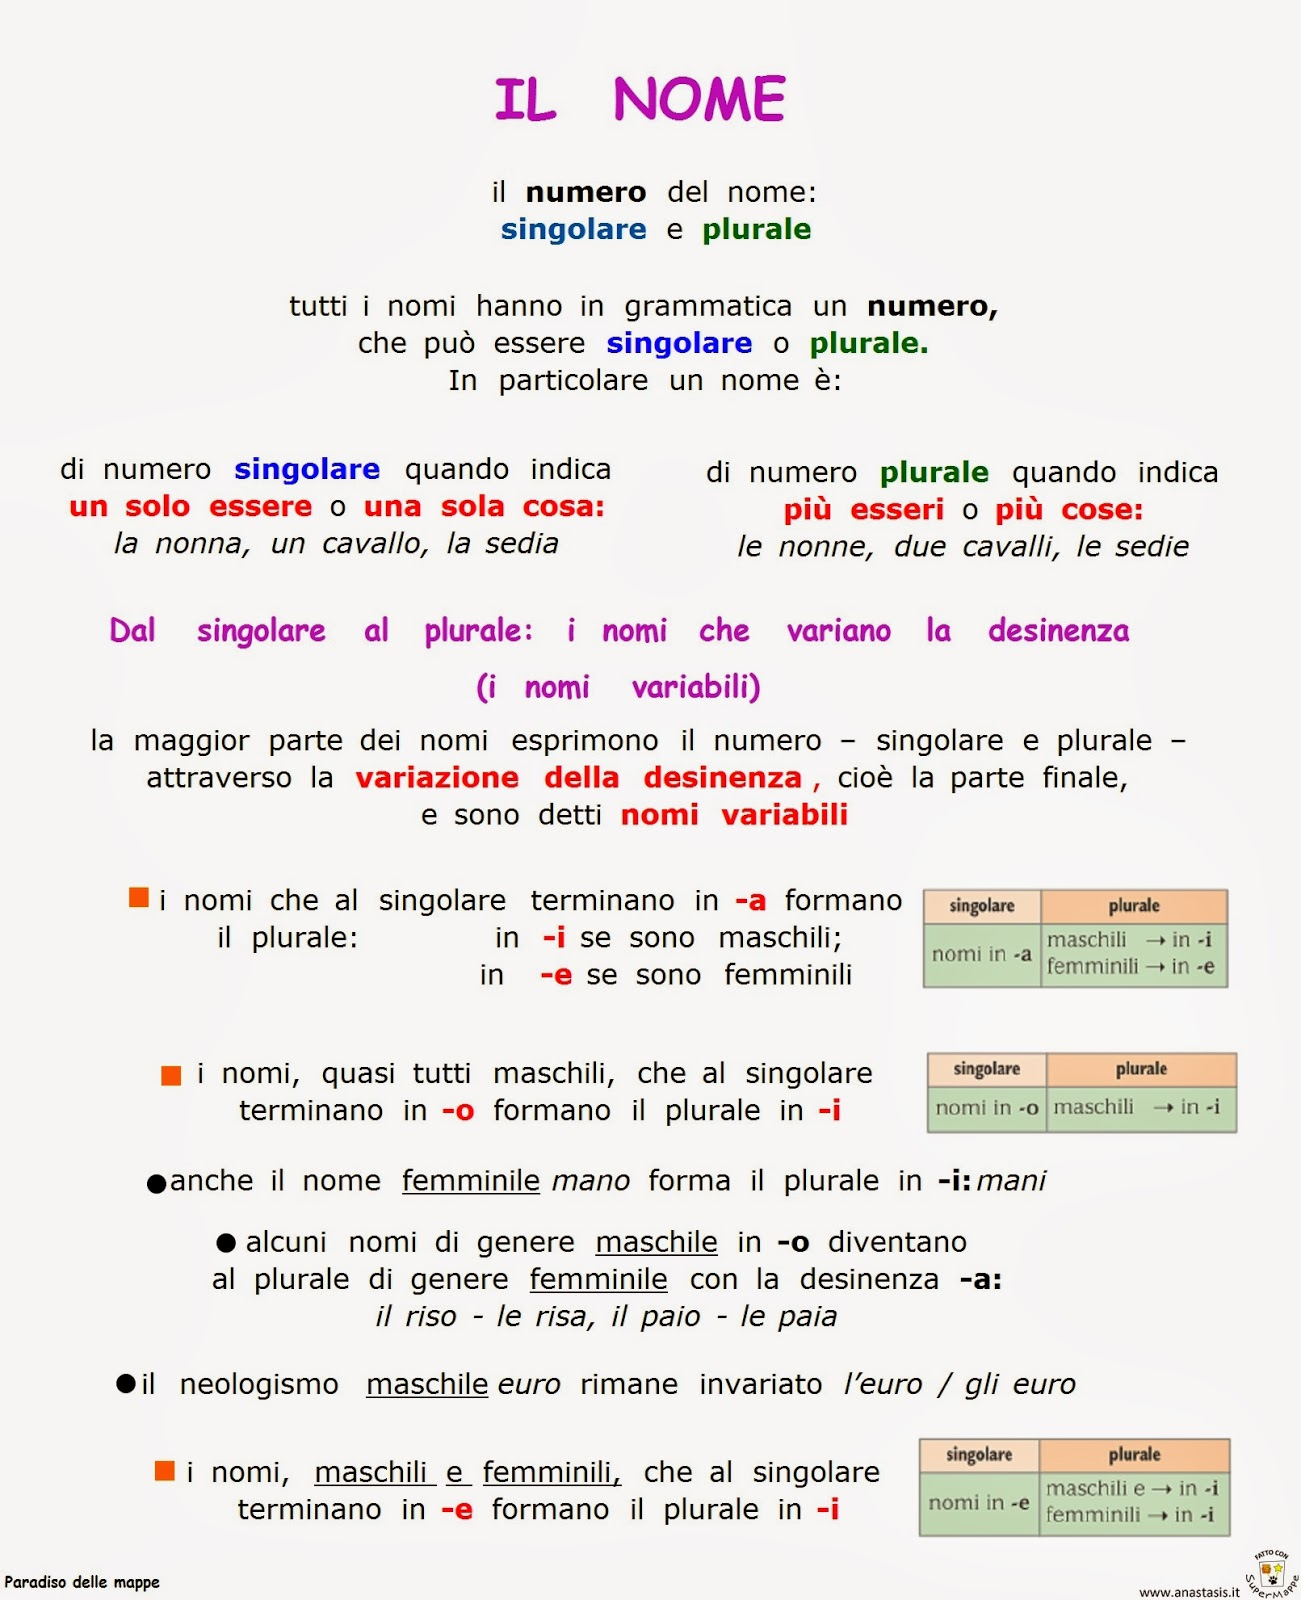 Preferenza Paradiso delle mappe: Il nome: il numero - singolare e plurale KB32